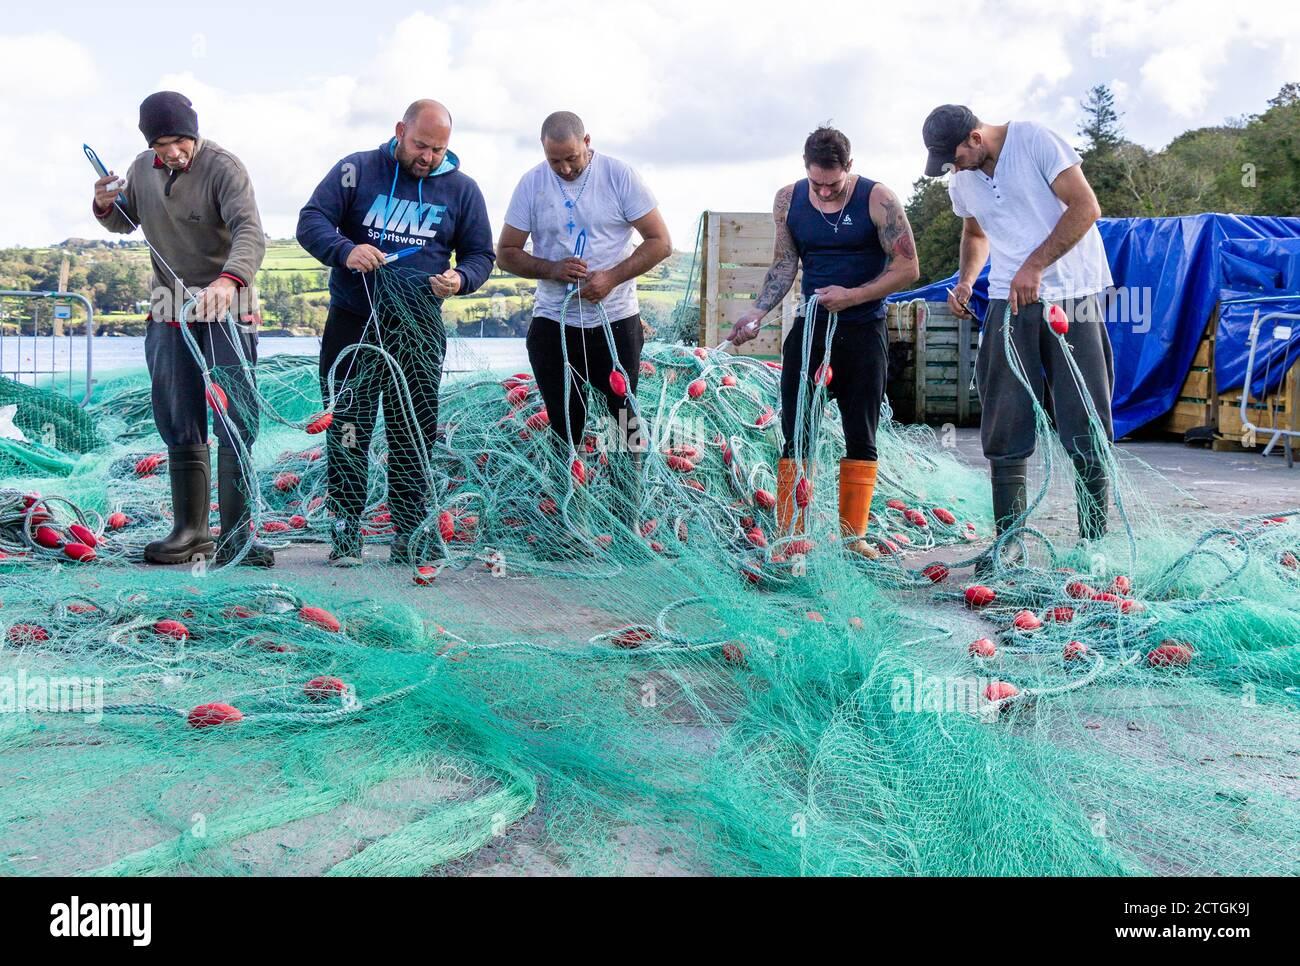 fishermen-mending-monofilament-gill-net-2CTGK9J.jpg